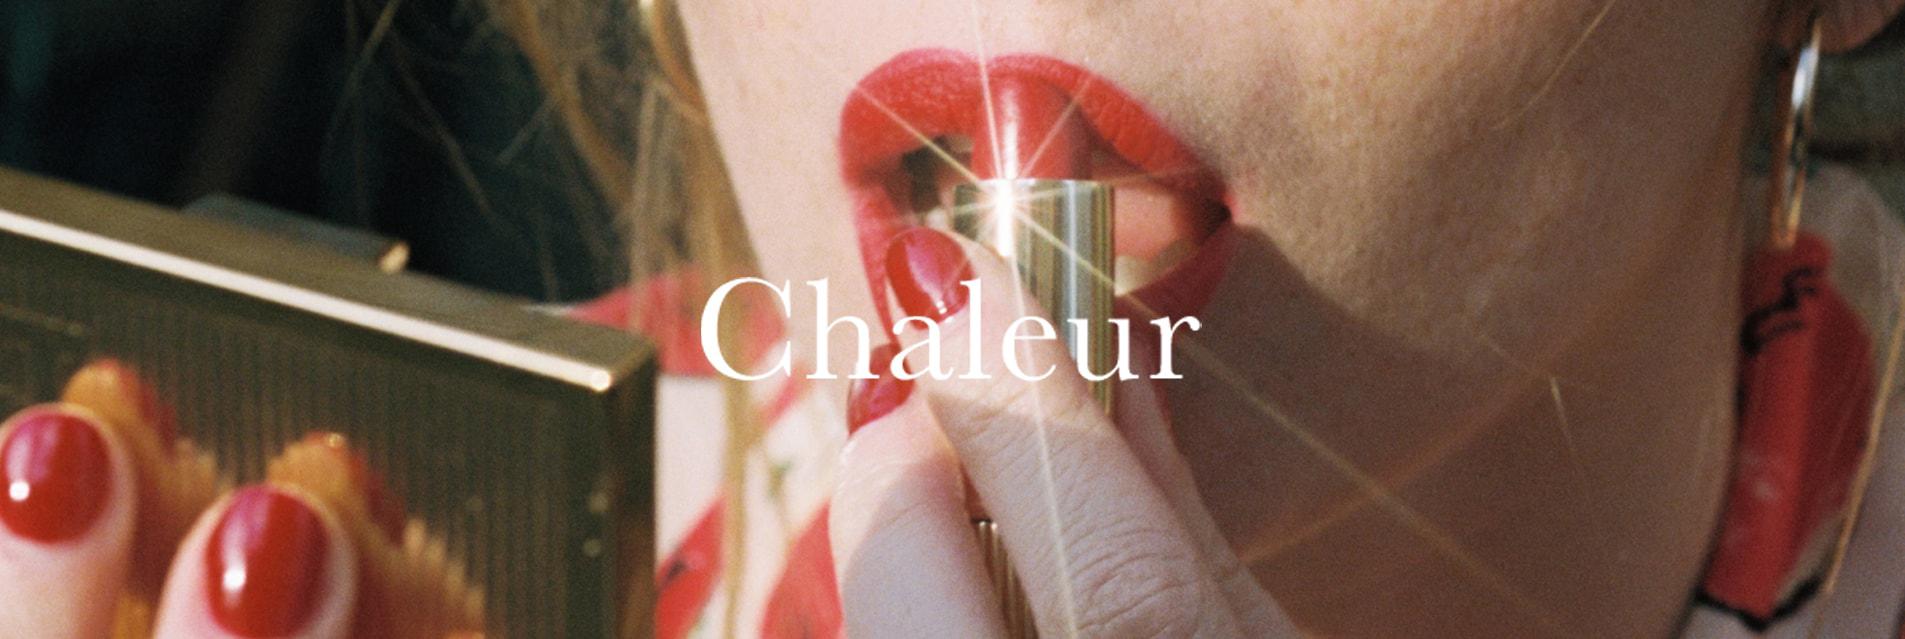 La collezione Chaleur